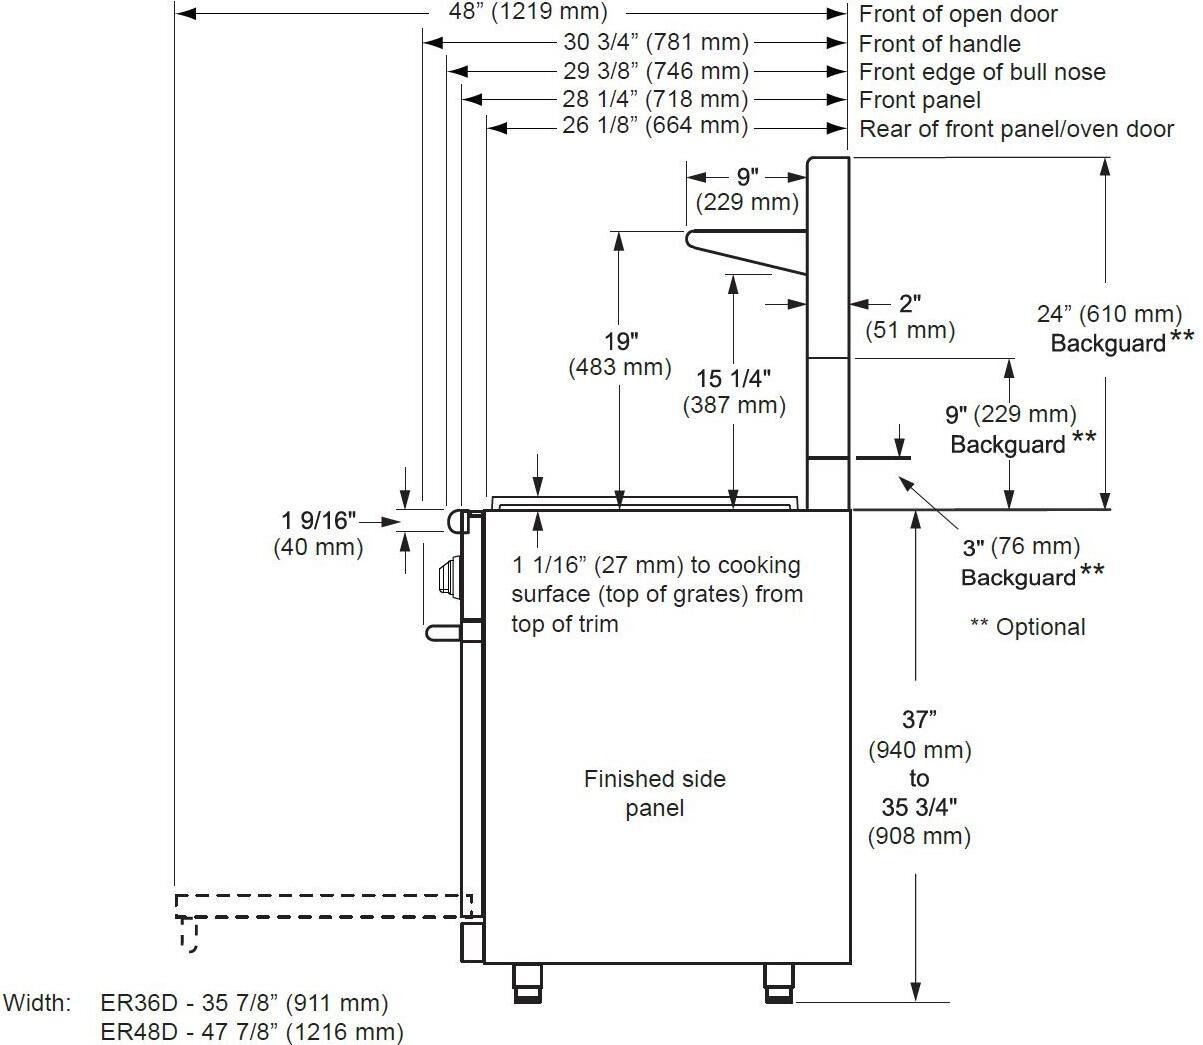 dacor er48dclp 48 renaissance series gas standing dacor renaissance dimensions